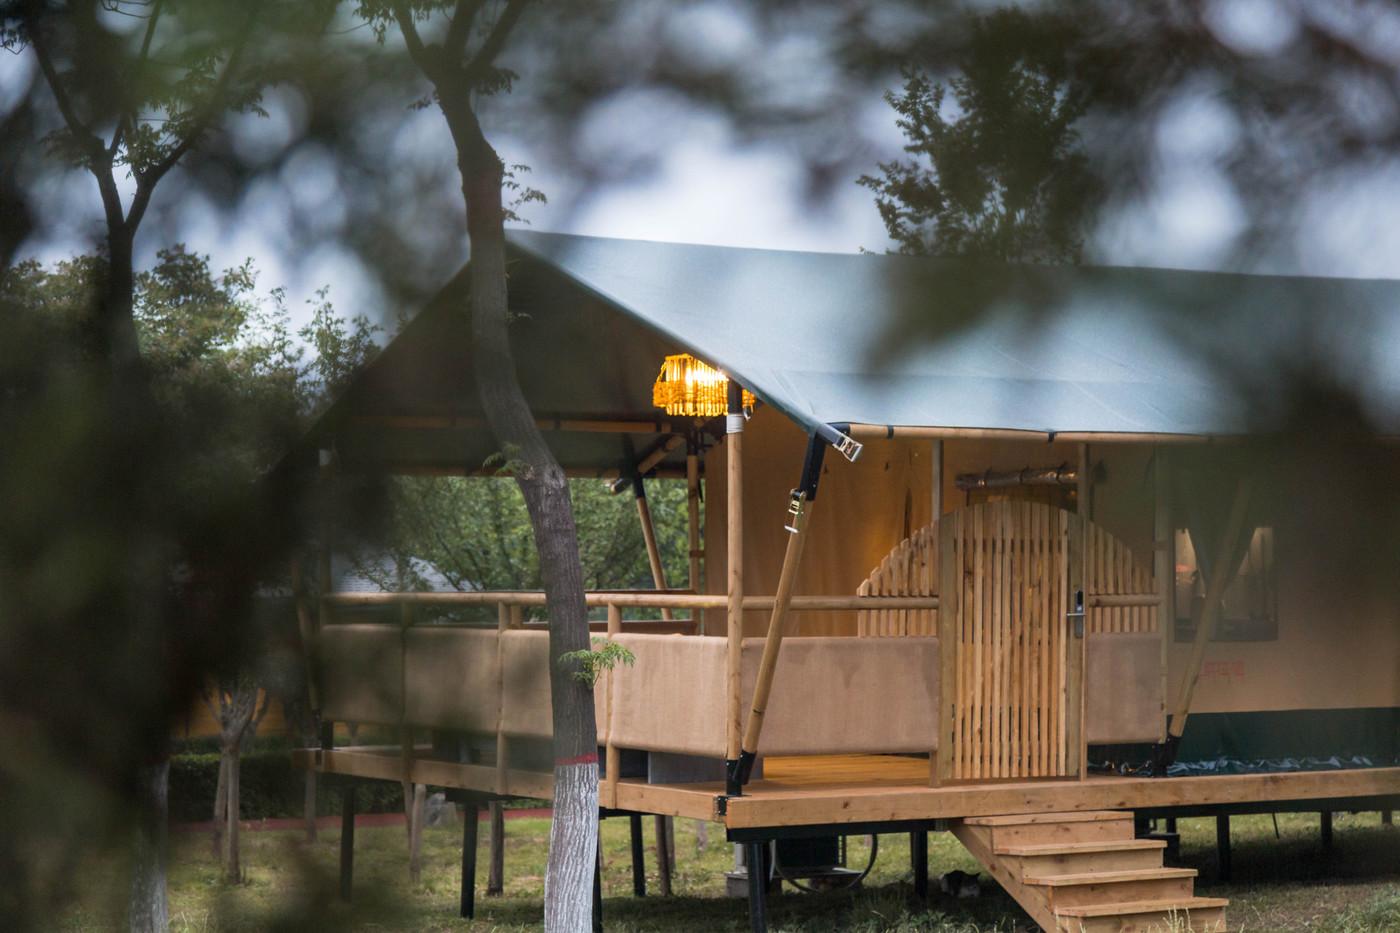 喜马拉雅野奢帐篷酒店—华山自驾游露营地(78平)15